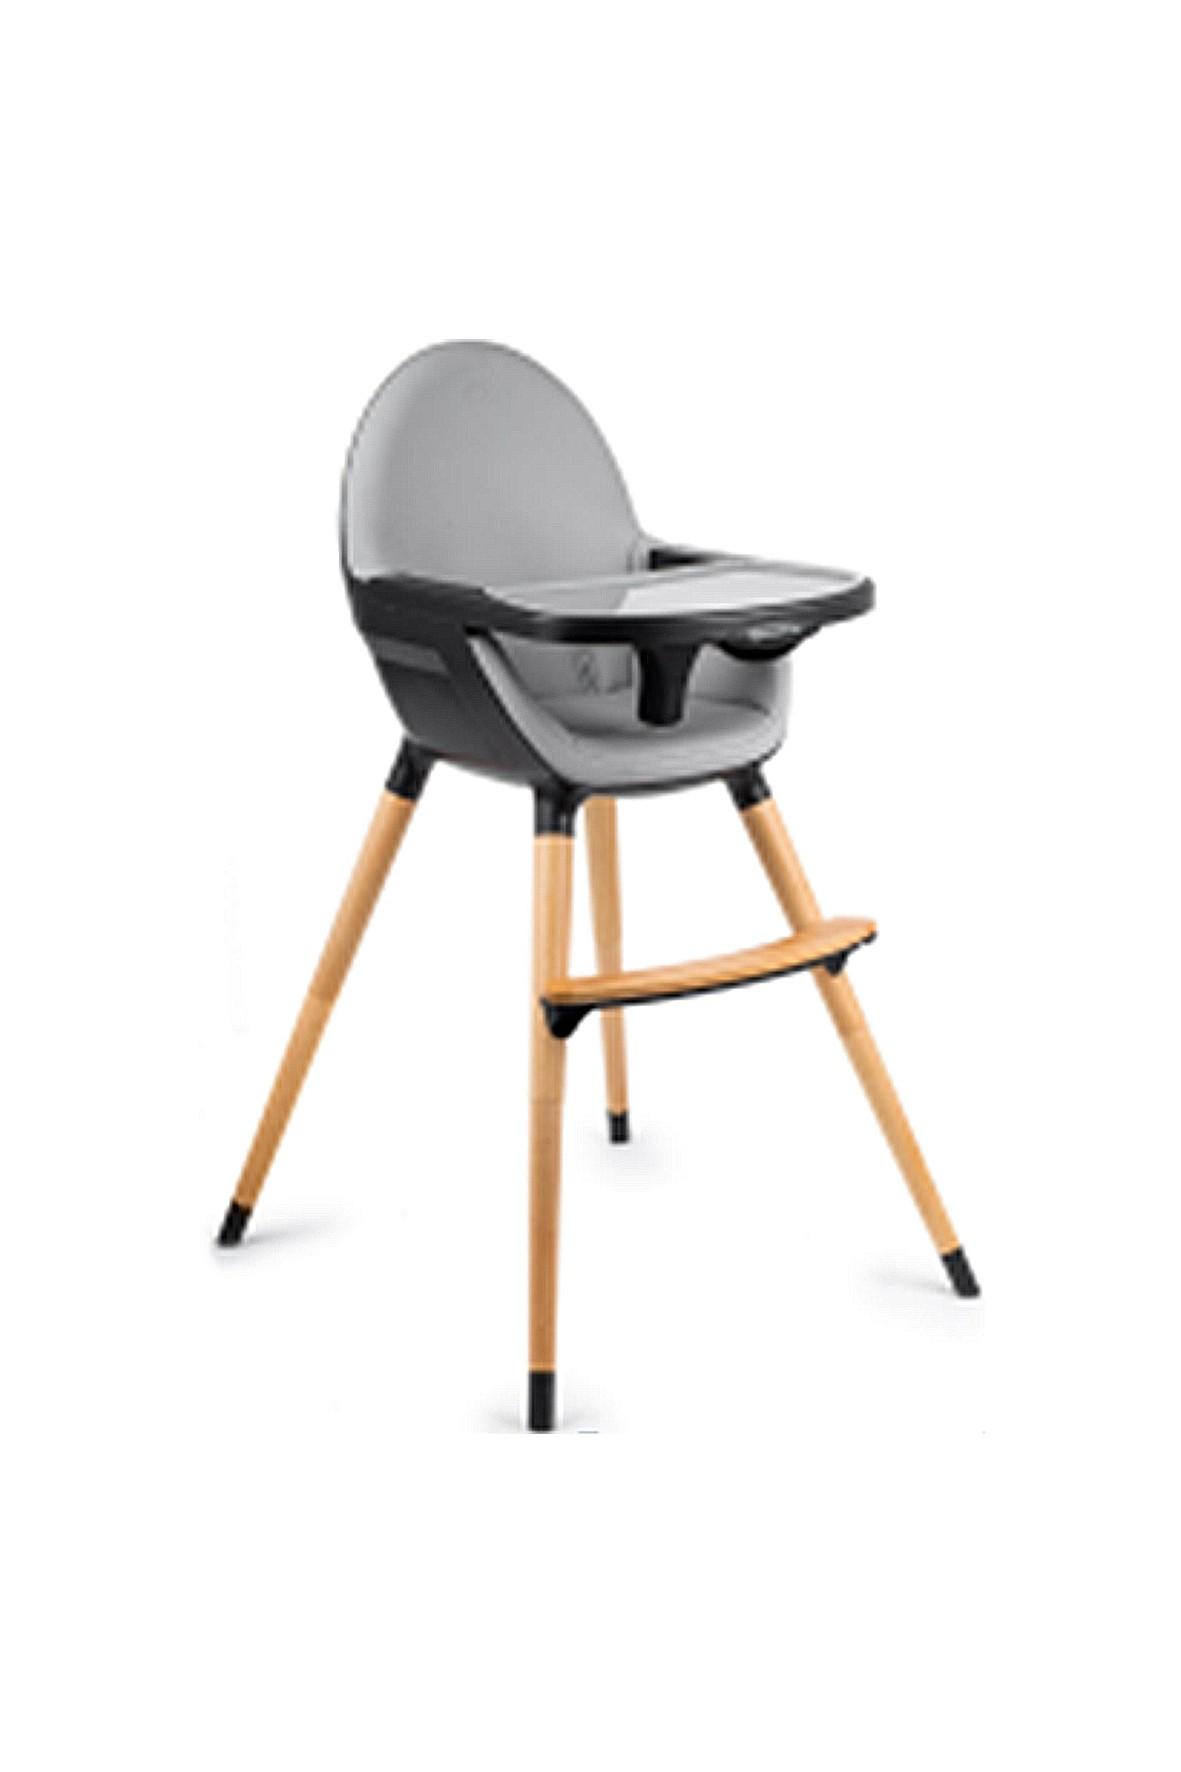 Krzesło do karmienia dzieci FINI 6m-5l